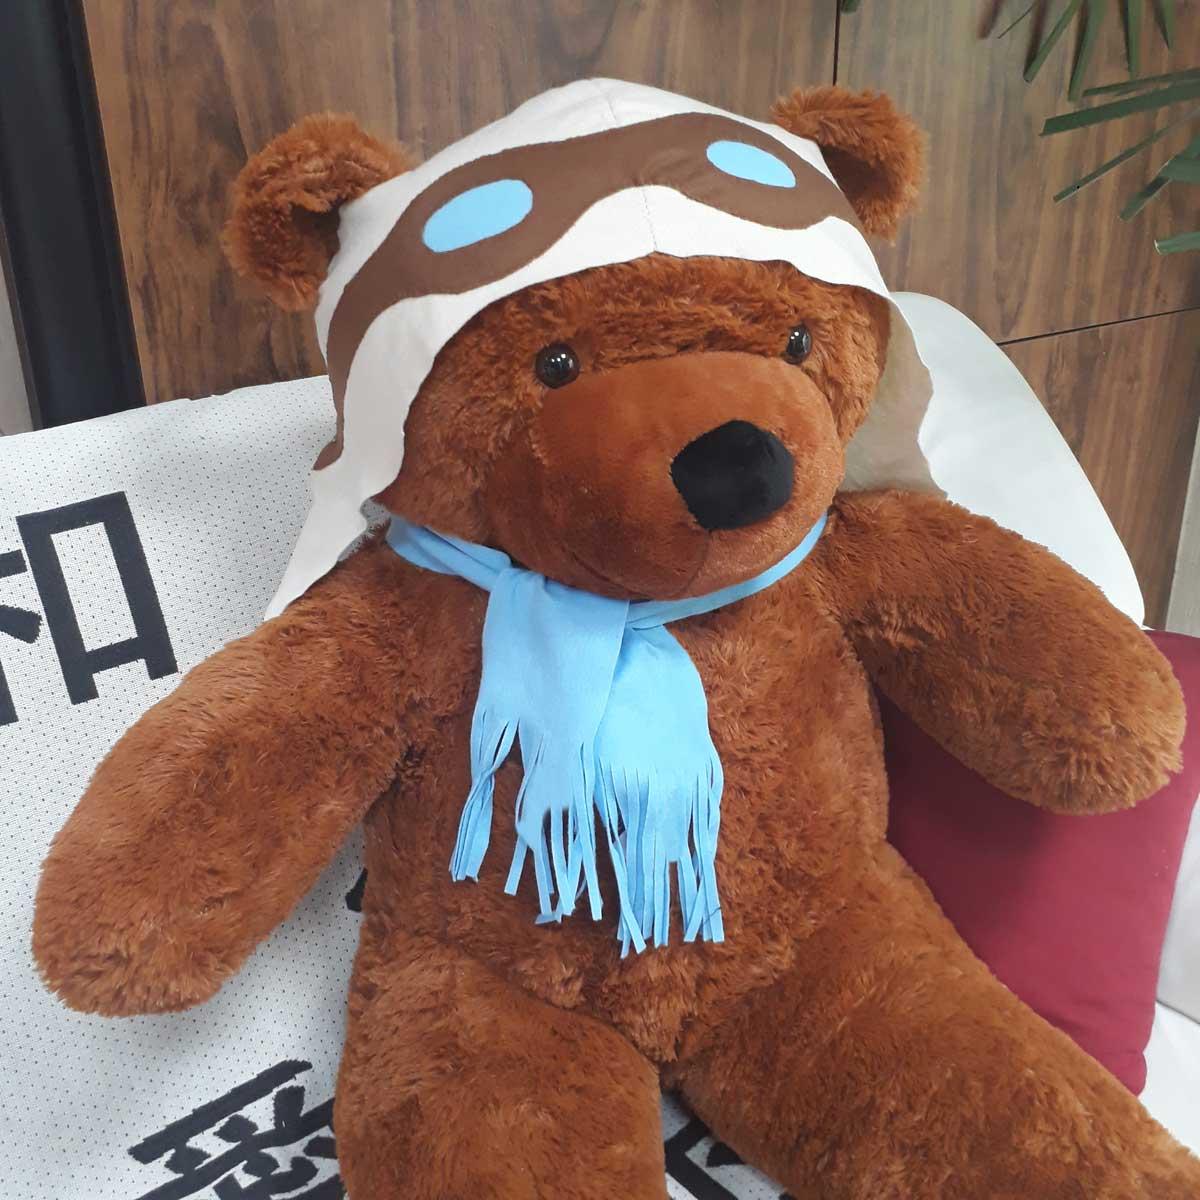 Urso de Pelúcia Aviador Marrom Gigante Grande 1,30 metros ou 130cm de altura - Tema para Festas Aniversários Decoração Eventos Decorações Infantil Chá de Bebês